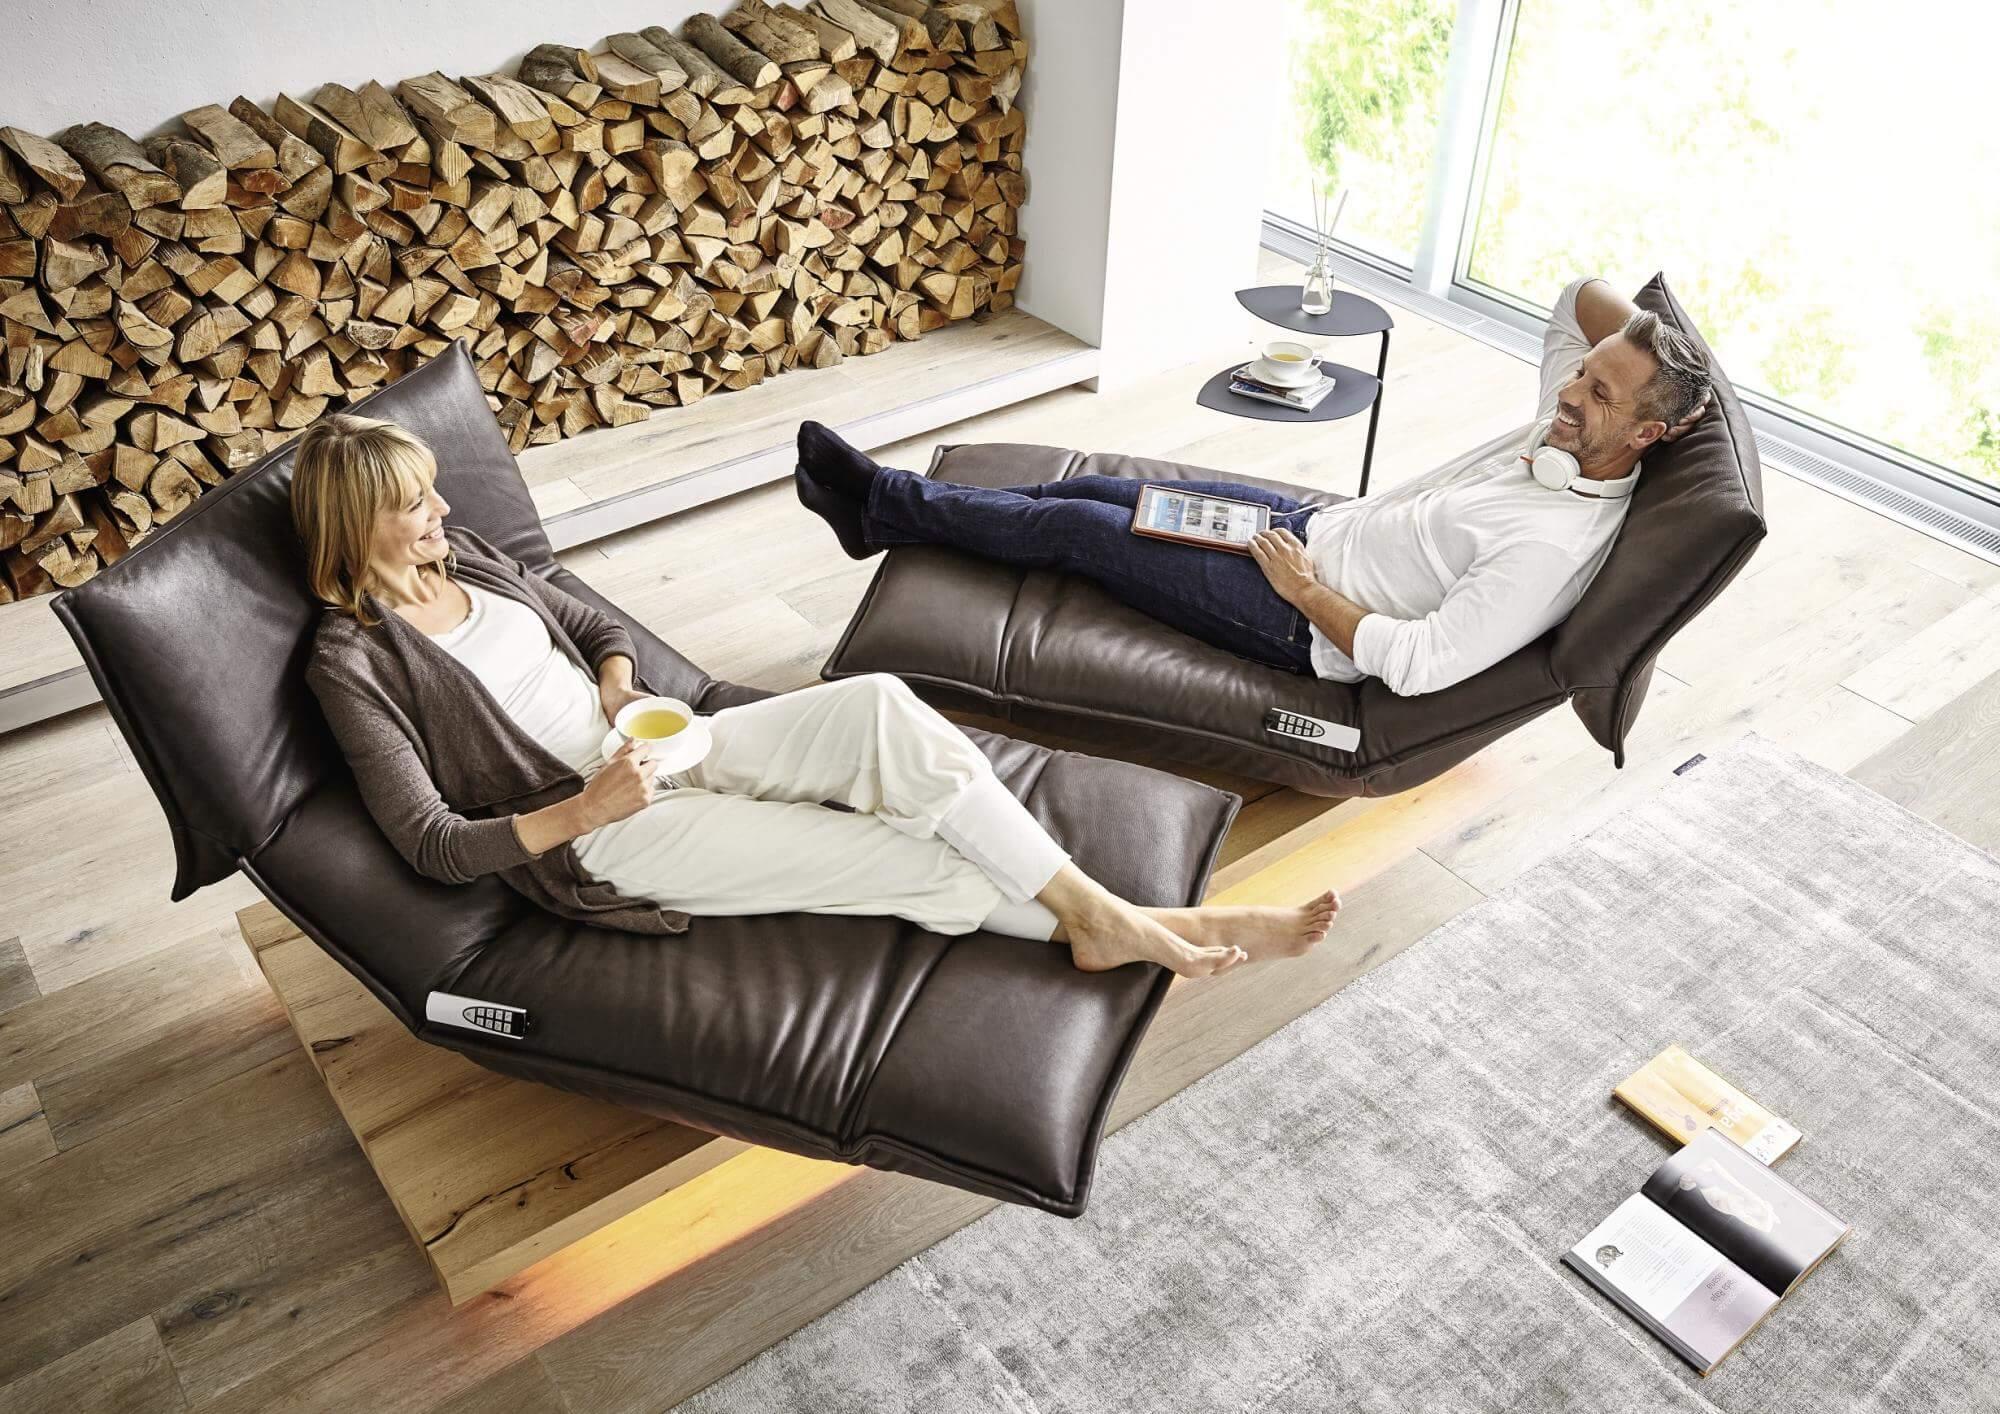 Full Size of Liegesessel Verstellbar Elektrisch Ikea Verstellbare Garten Liegestuhl Sessel Sofa Mit Verstellbarer Sitztiefe Wohnzimmer Liegesessel Verstellbar